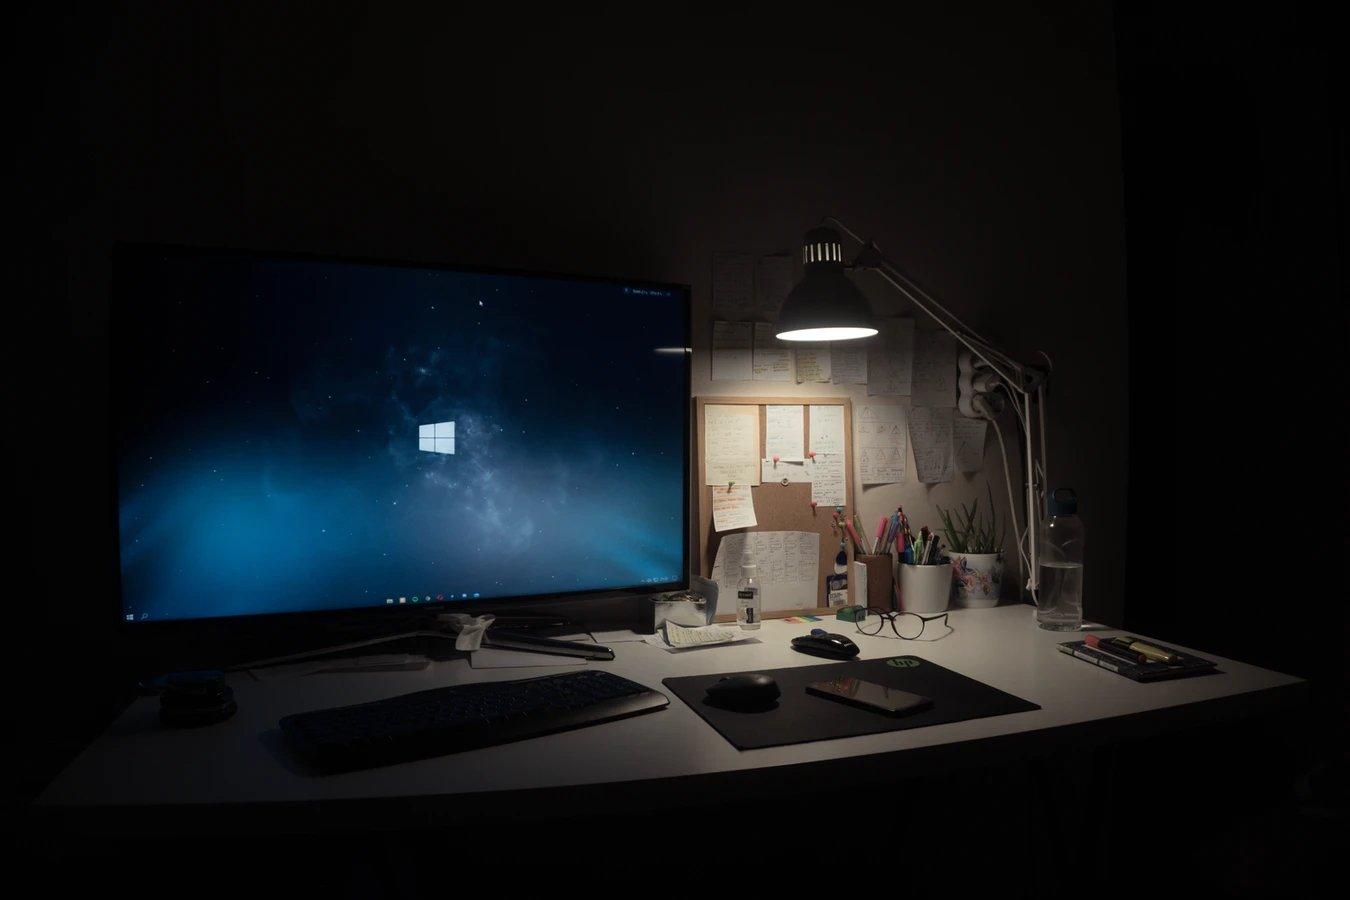 computador com o Windows de fundo